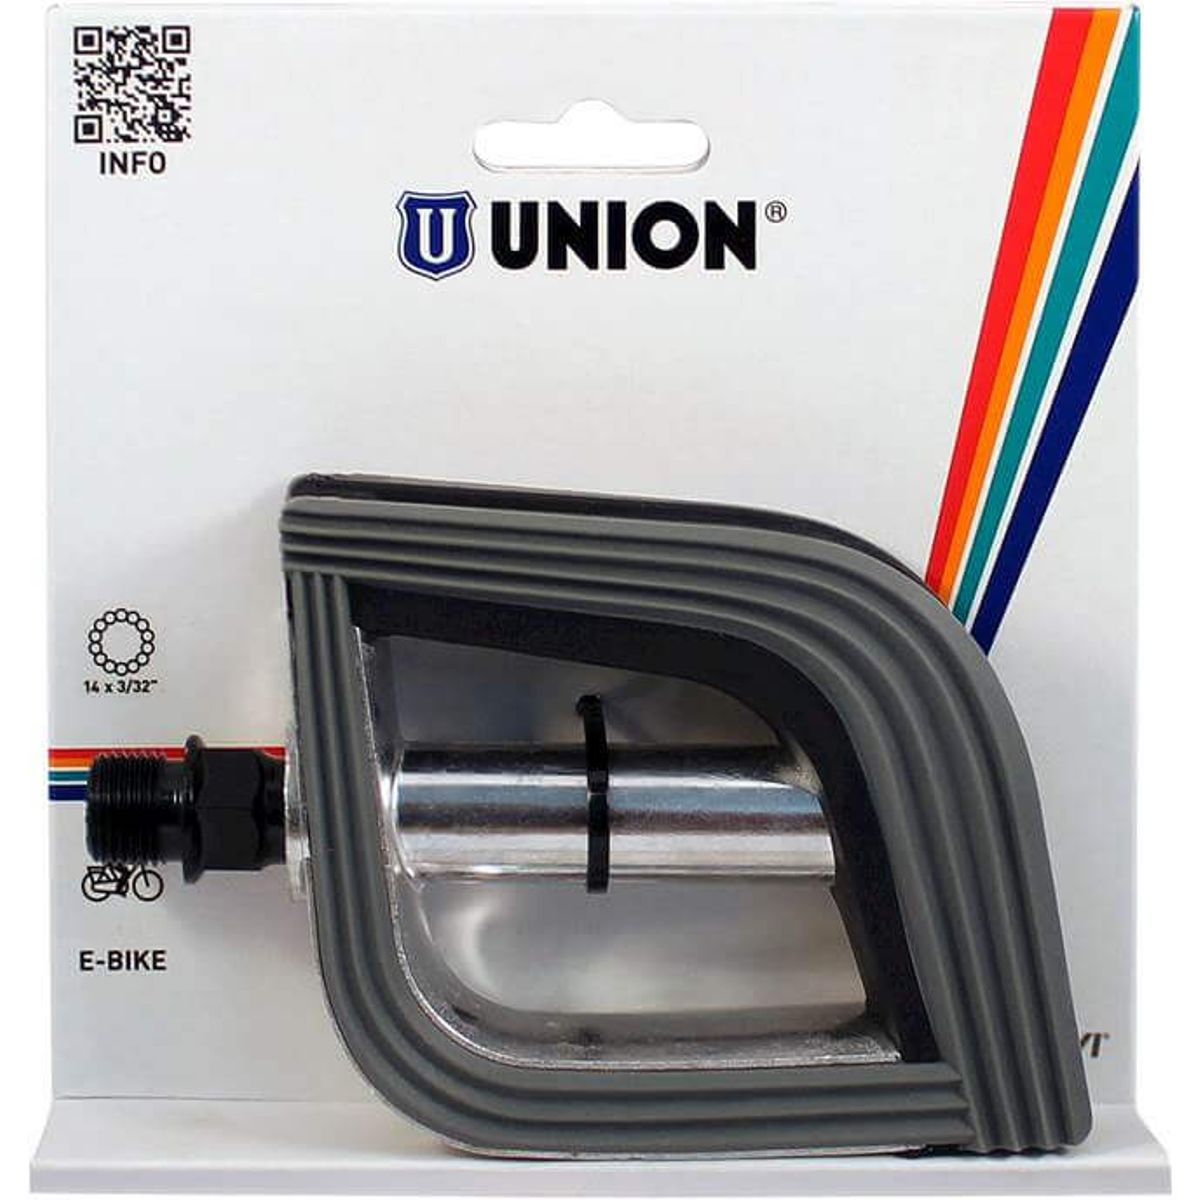 Union pedalen 825 anti-slip aluminium